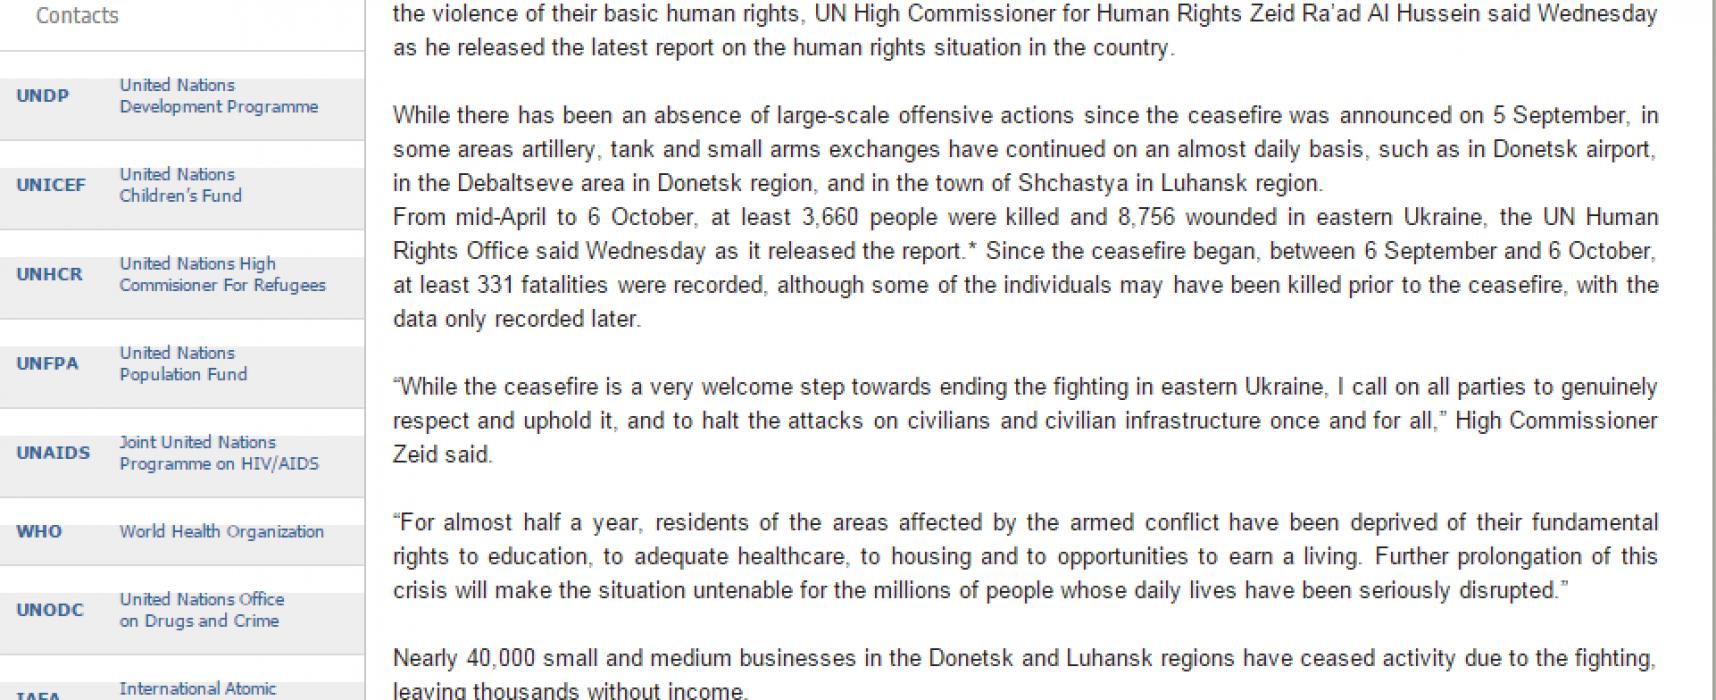 ООН сообщила о присутствии наемников из РФ на востоке Украины